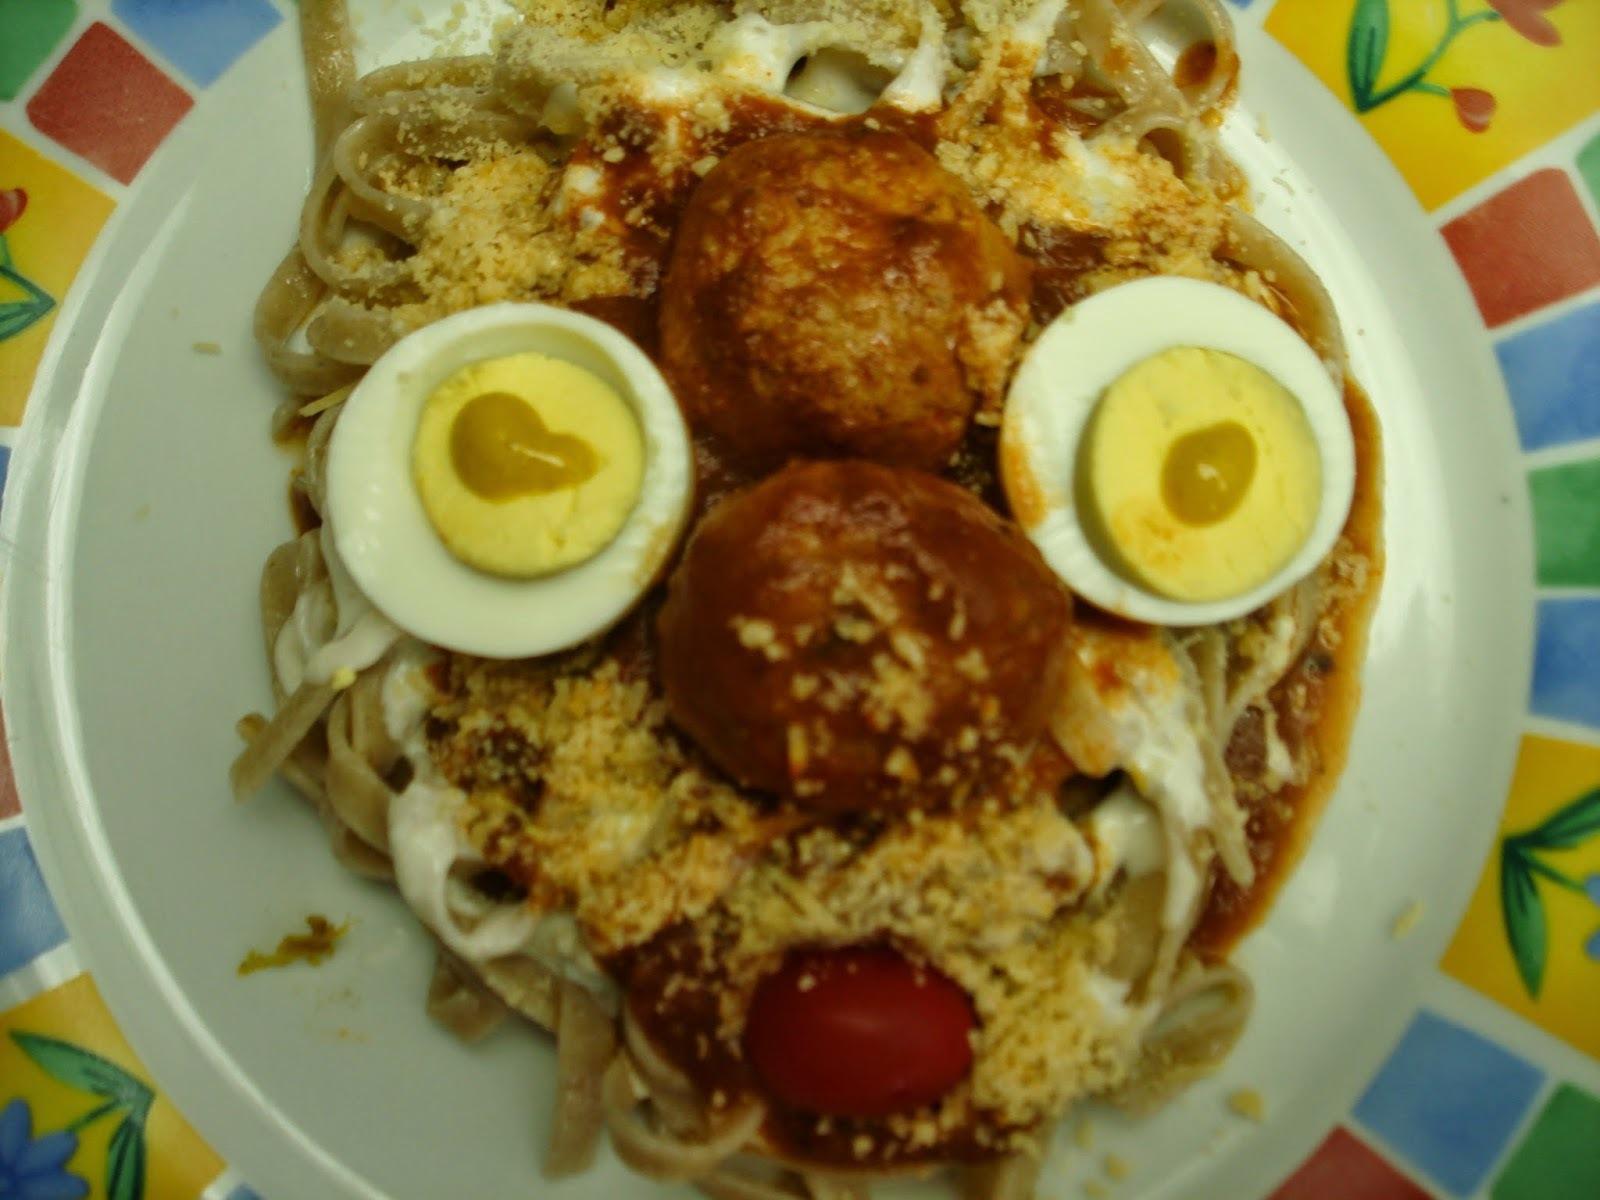 ovo de codorna com frango ao molho branco